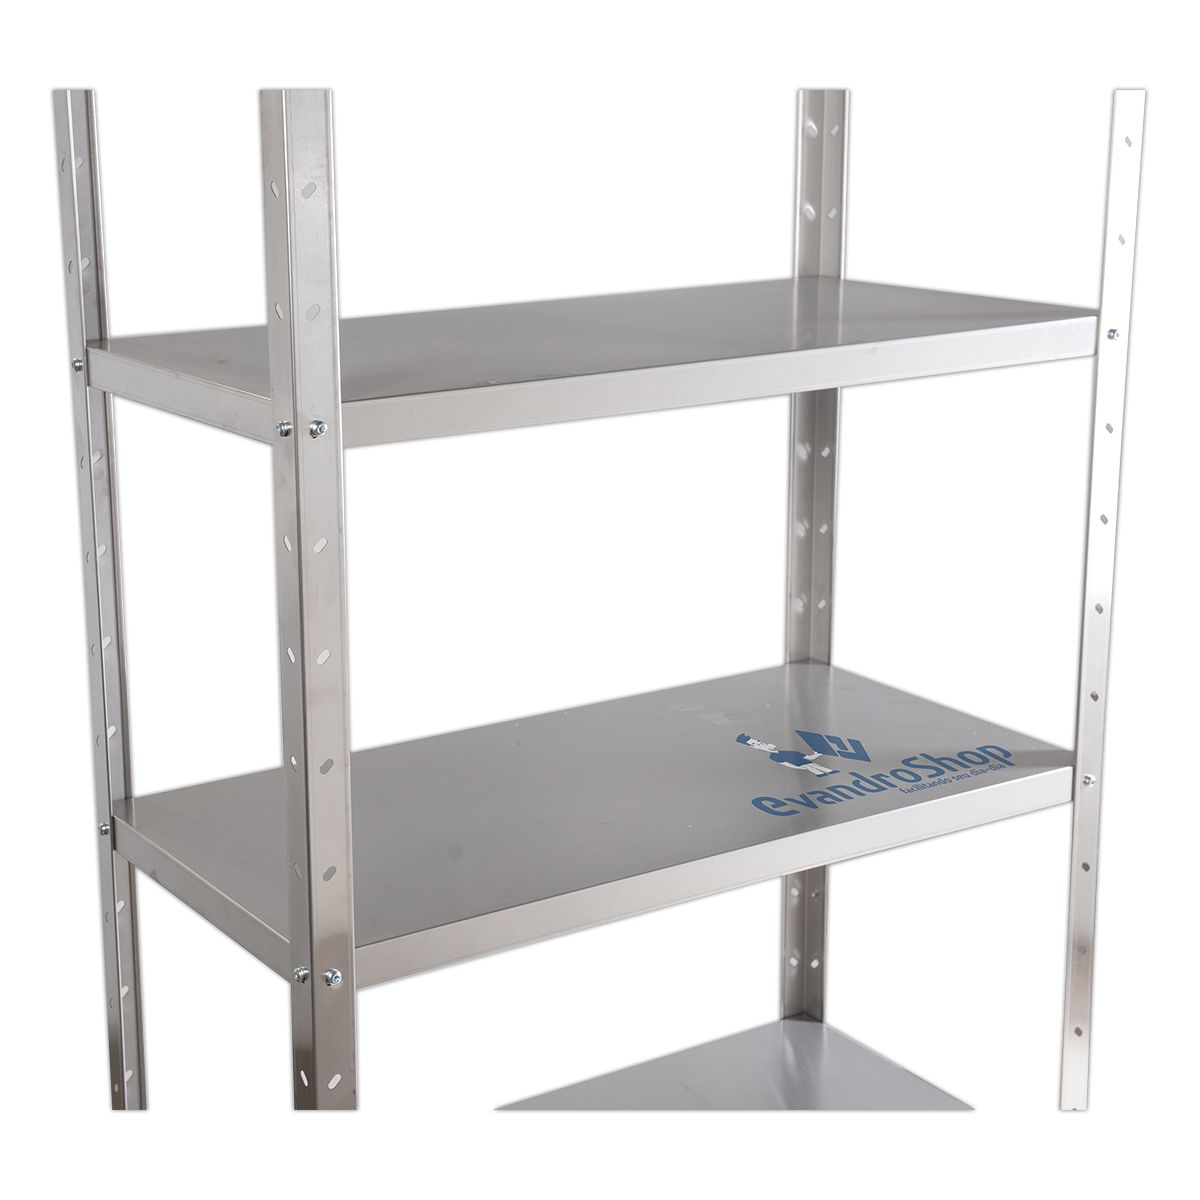 Estante Organizadora Em Inox 175X100X50 Cm - Frigopro